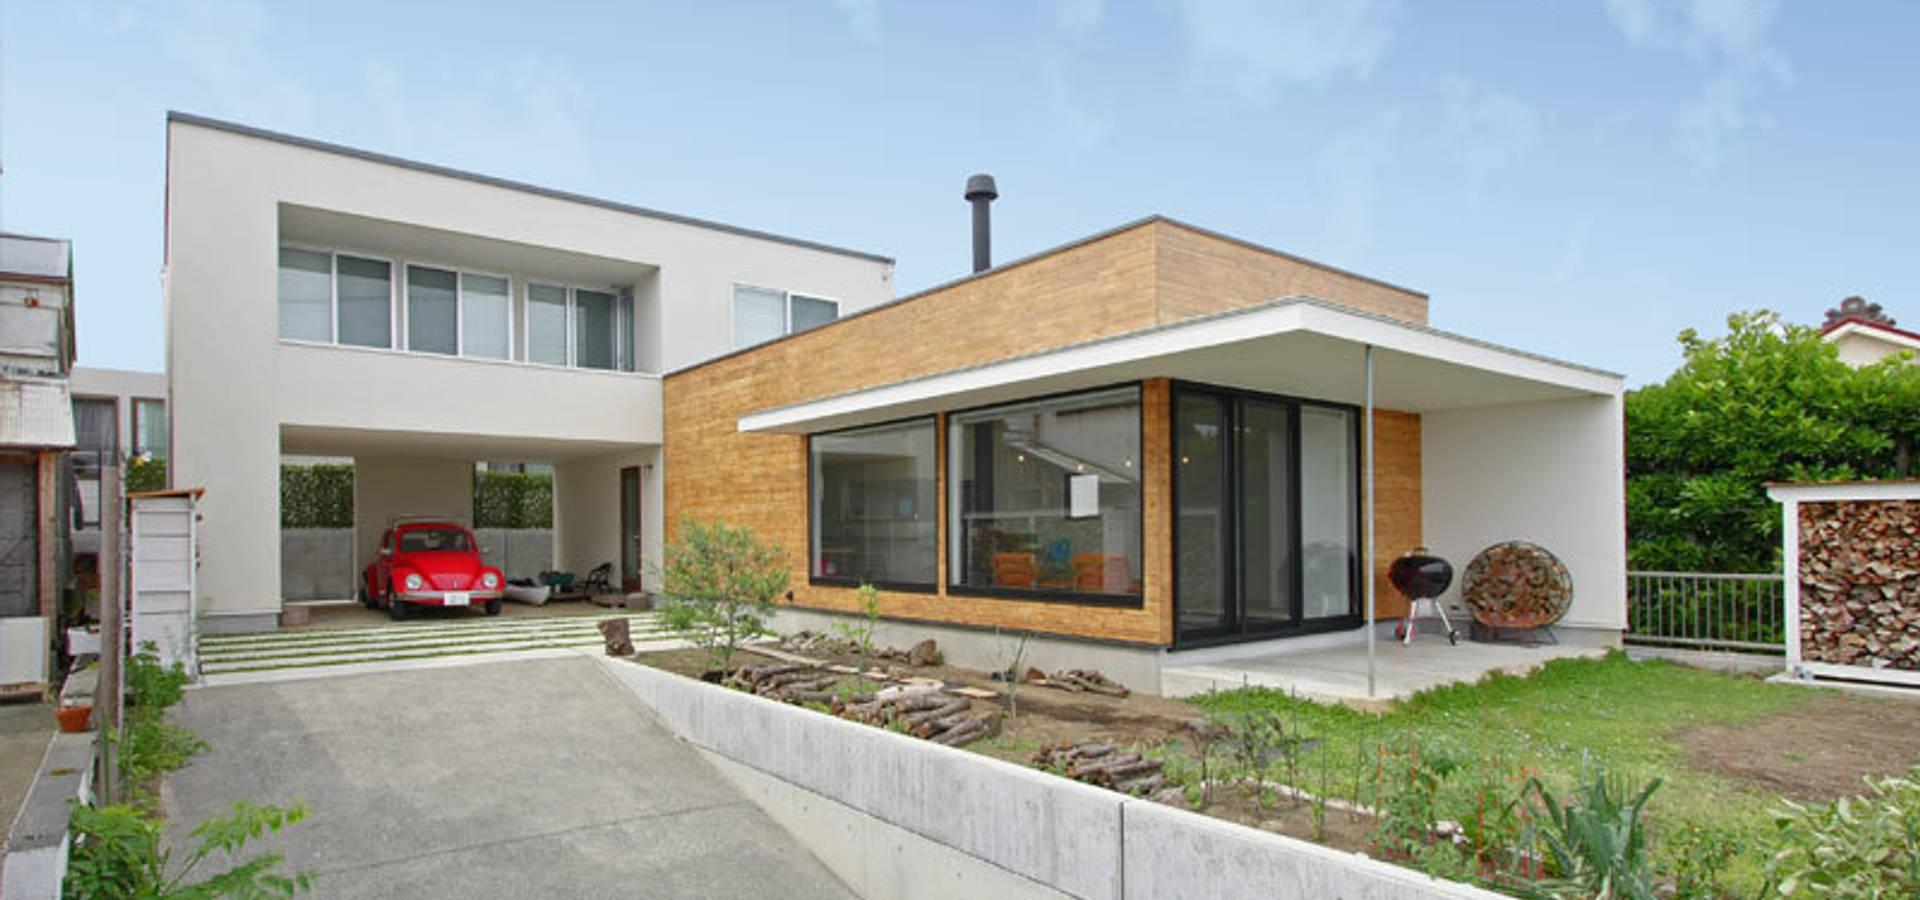 ミナトデザイン1級建築士事務所